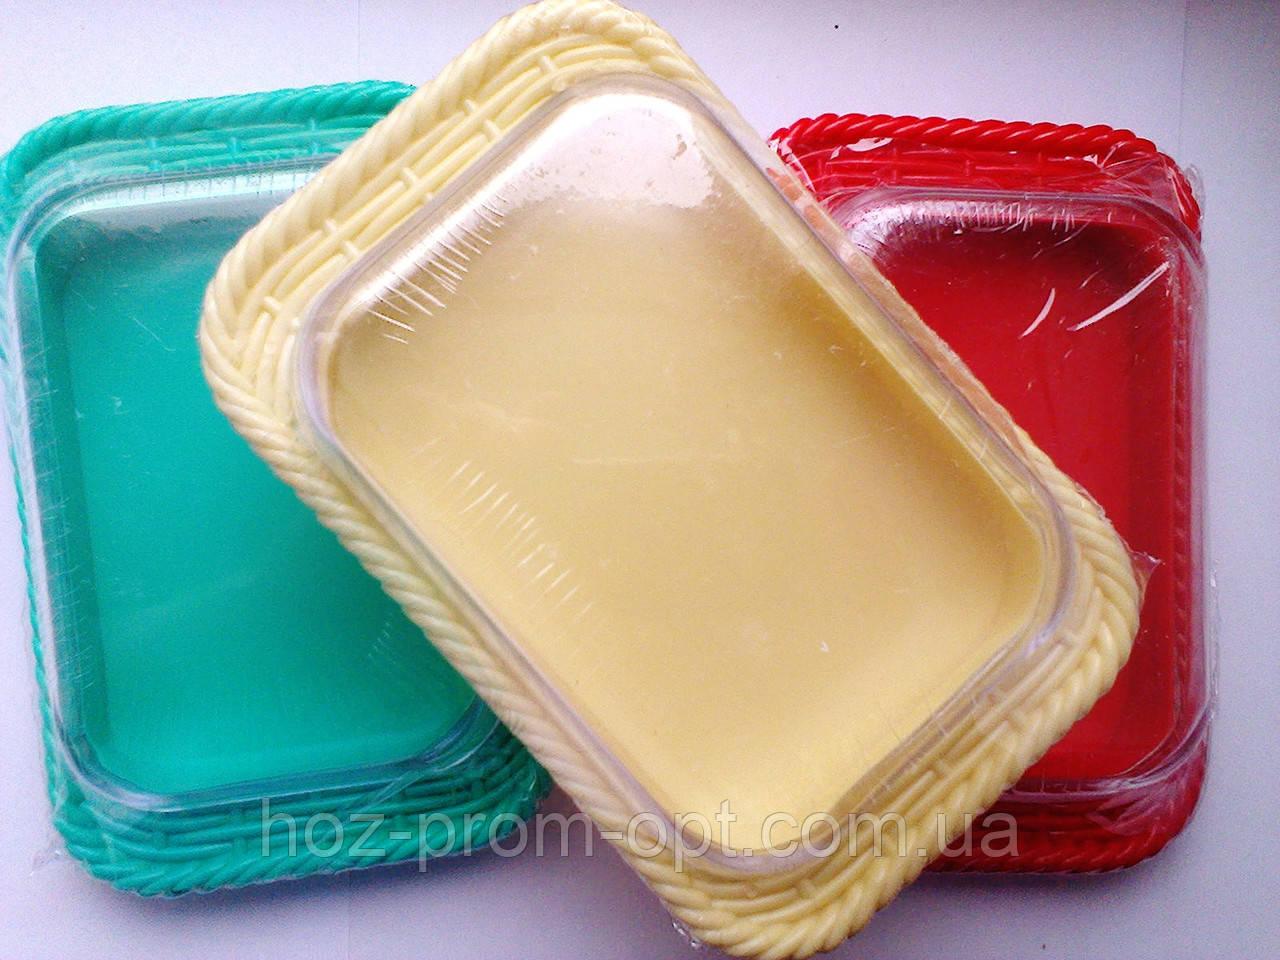 Маслёнка ( контейнер для хранения масла)